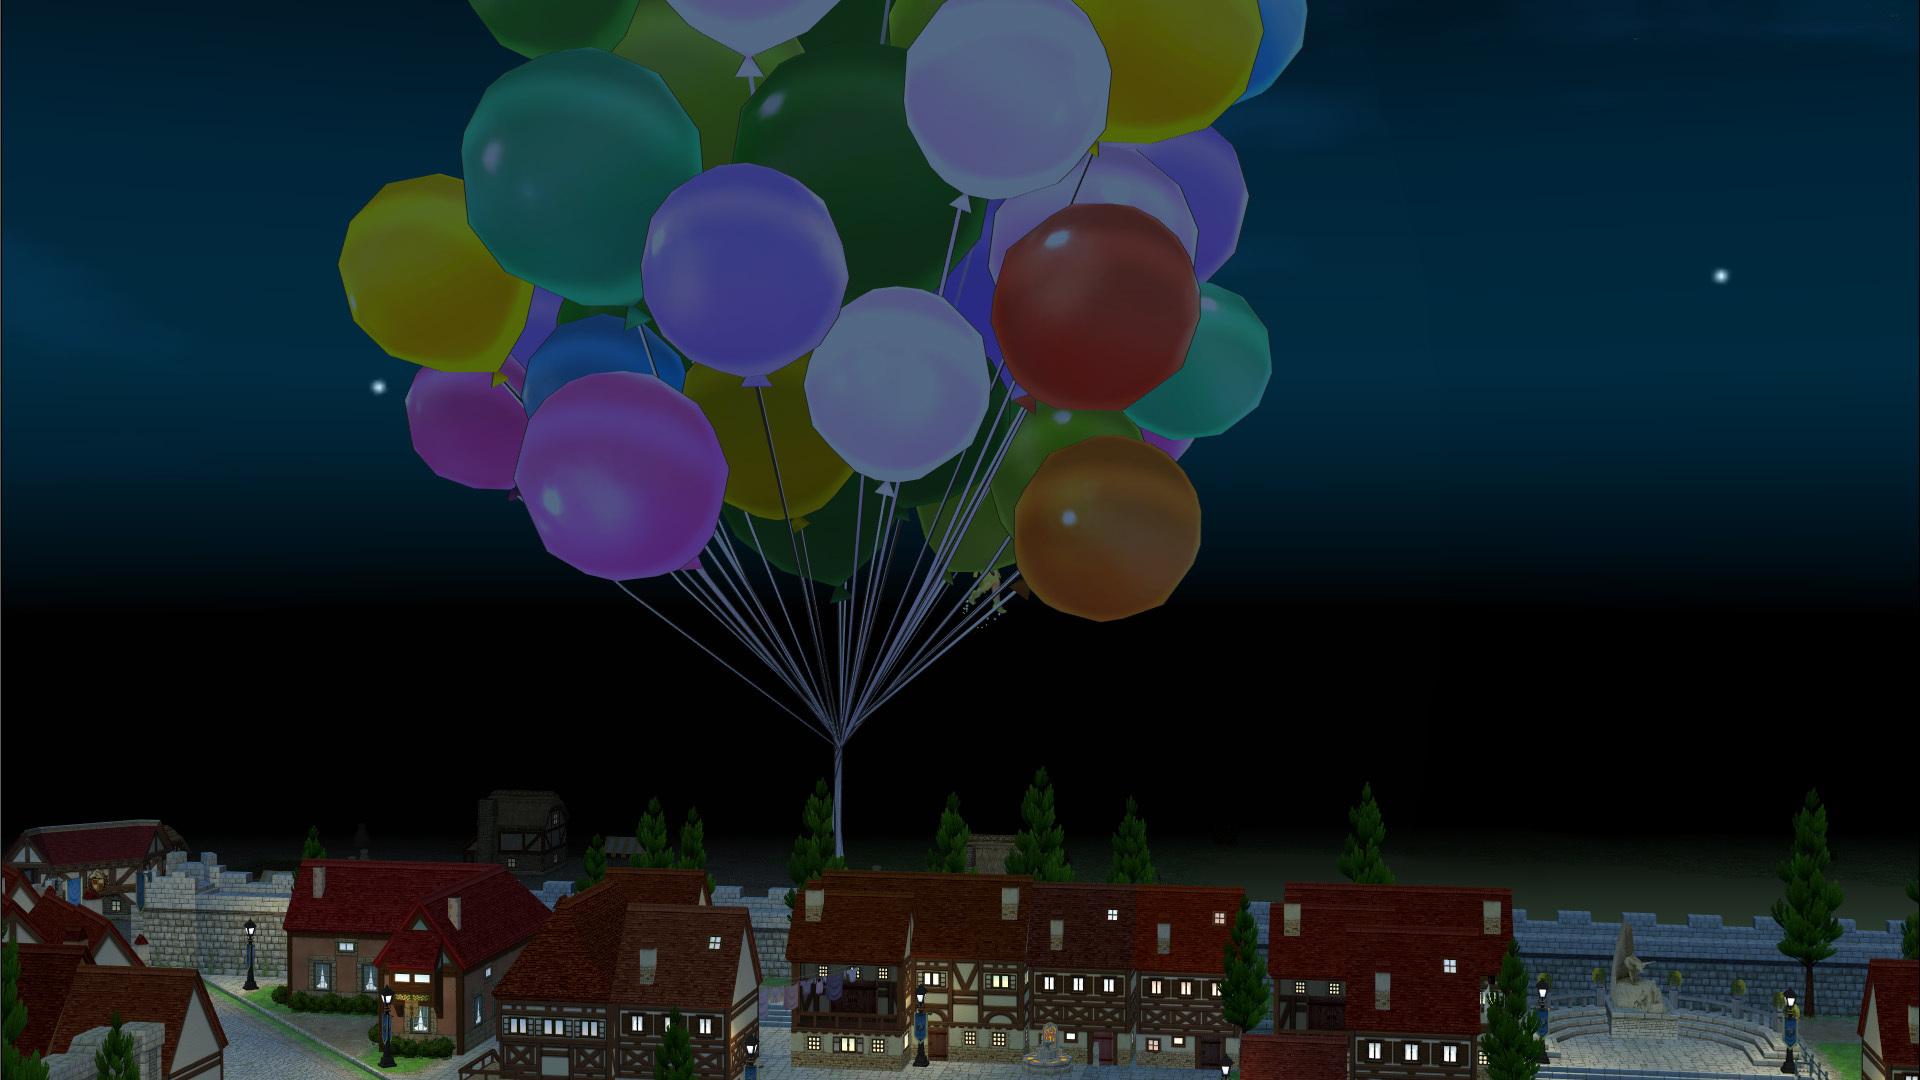 風船が飛ぶ06